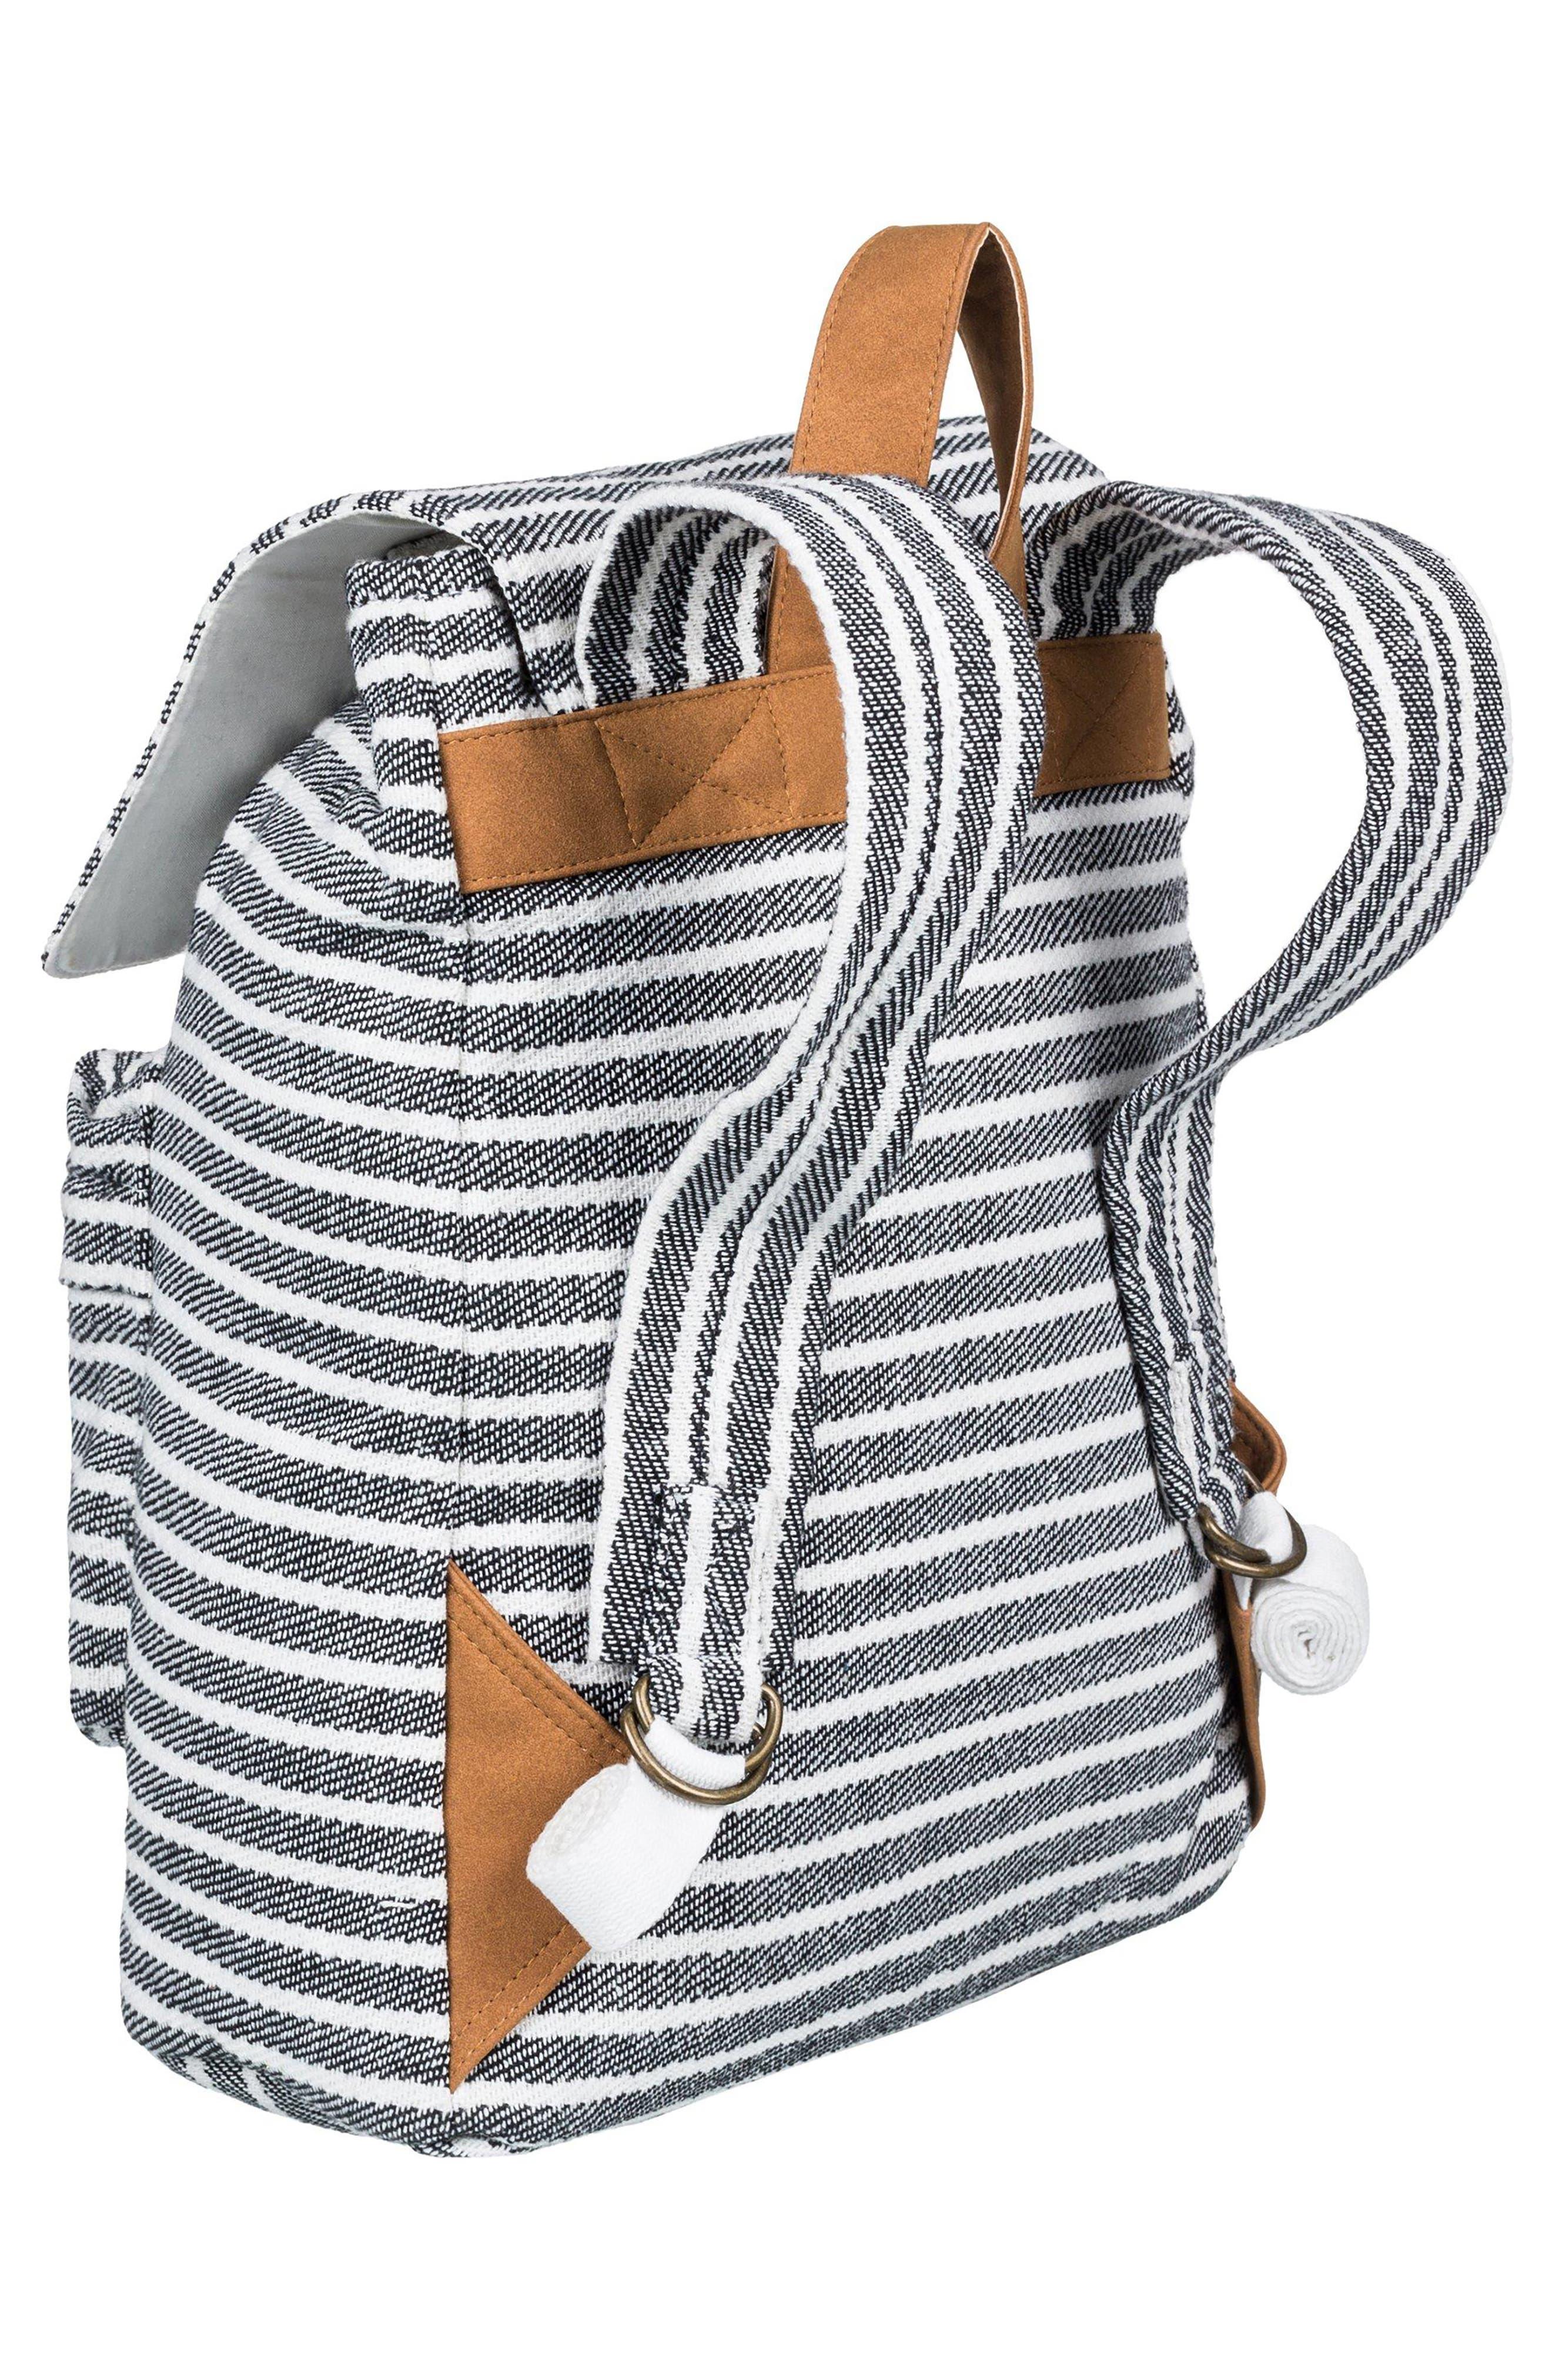 Love Them Hard Tassel Backpack,                             Alternate thumbnail 2, color,                             001